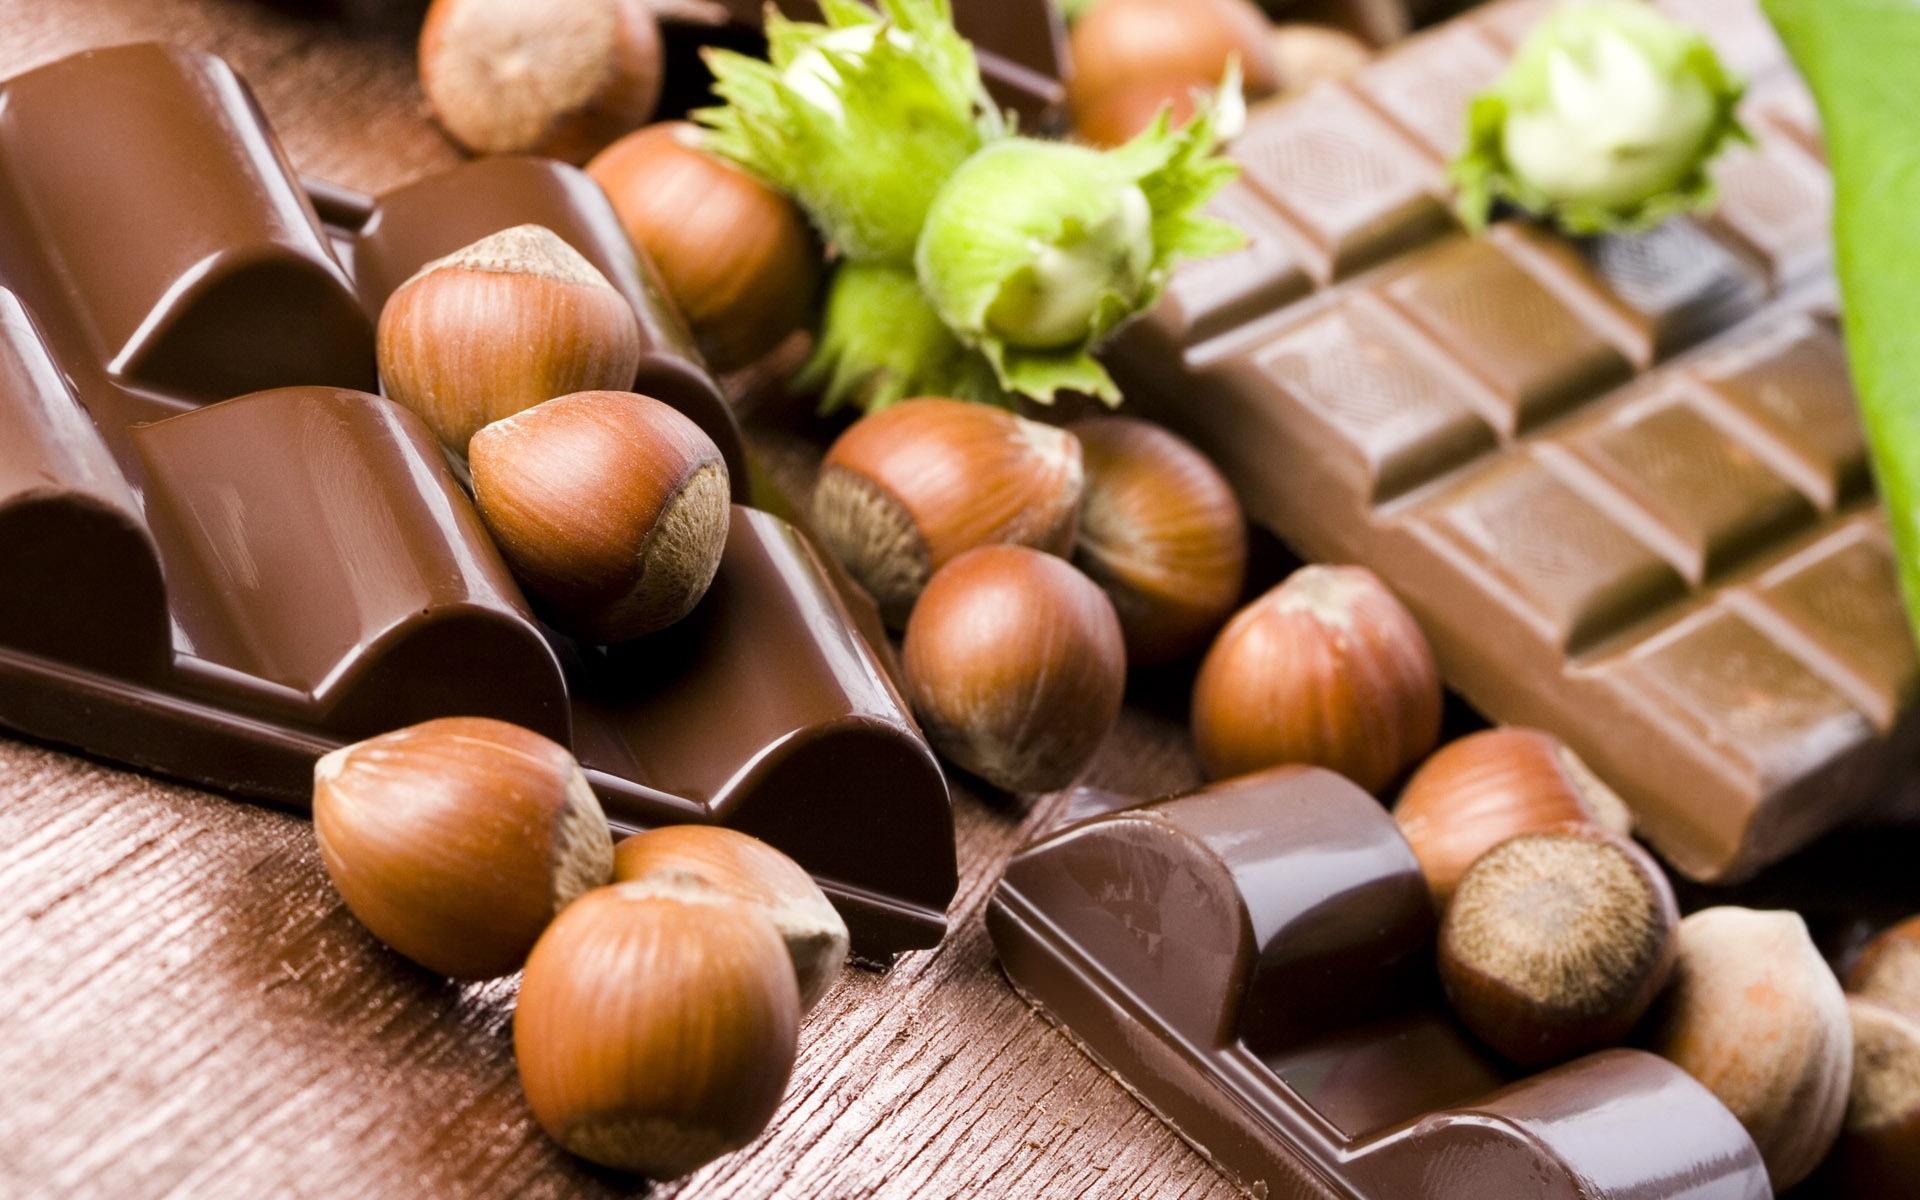 24566 скачать обои Еда, Шоколад, Орехи (Nuts) - заставки и картинки бесплатно